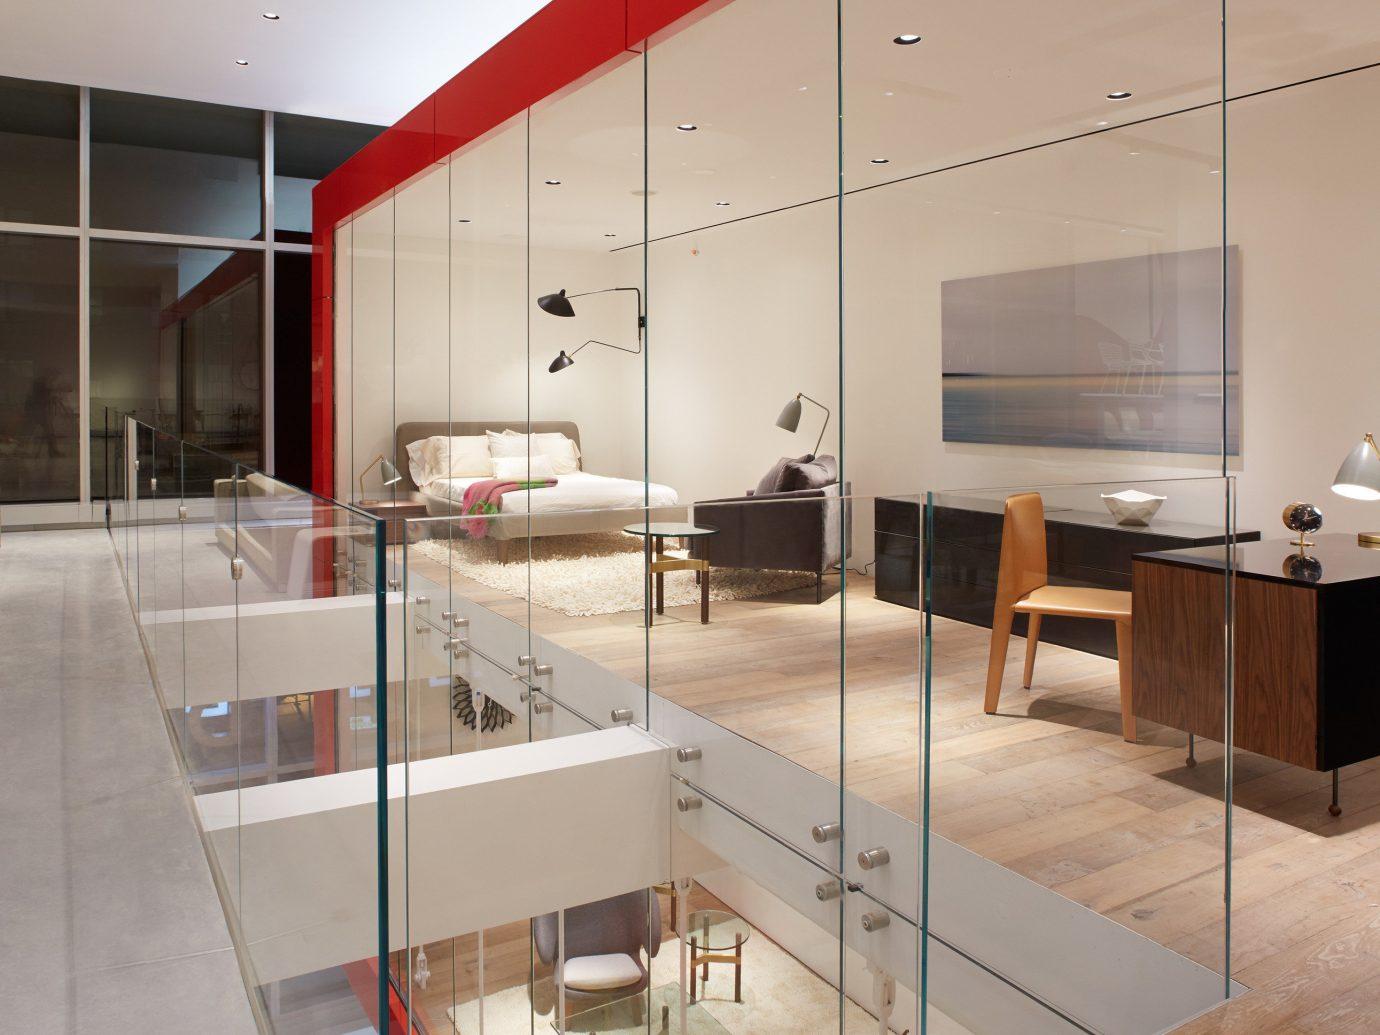 Arts + Culture Fall Travel Festivals + Events indoor interior design floor glass flooring interior designer Kitchen ceiling